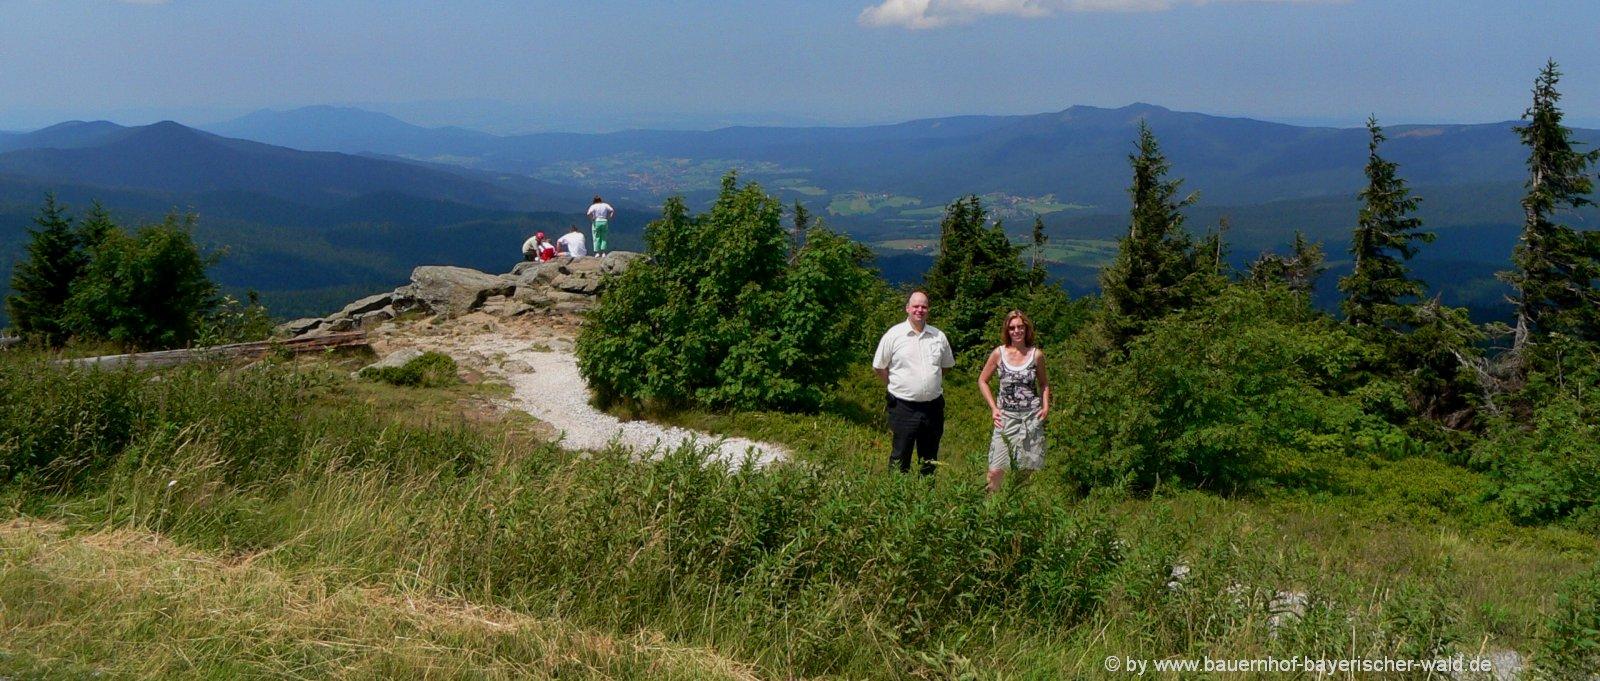 bauernhof-bayern-wanderurlaub-bayerischer-wald-bergwanderung-arber